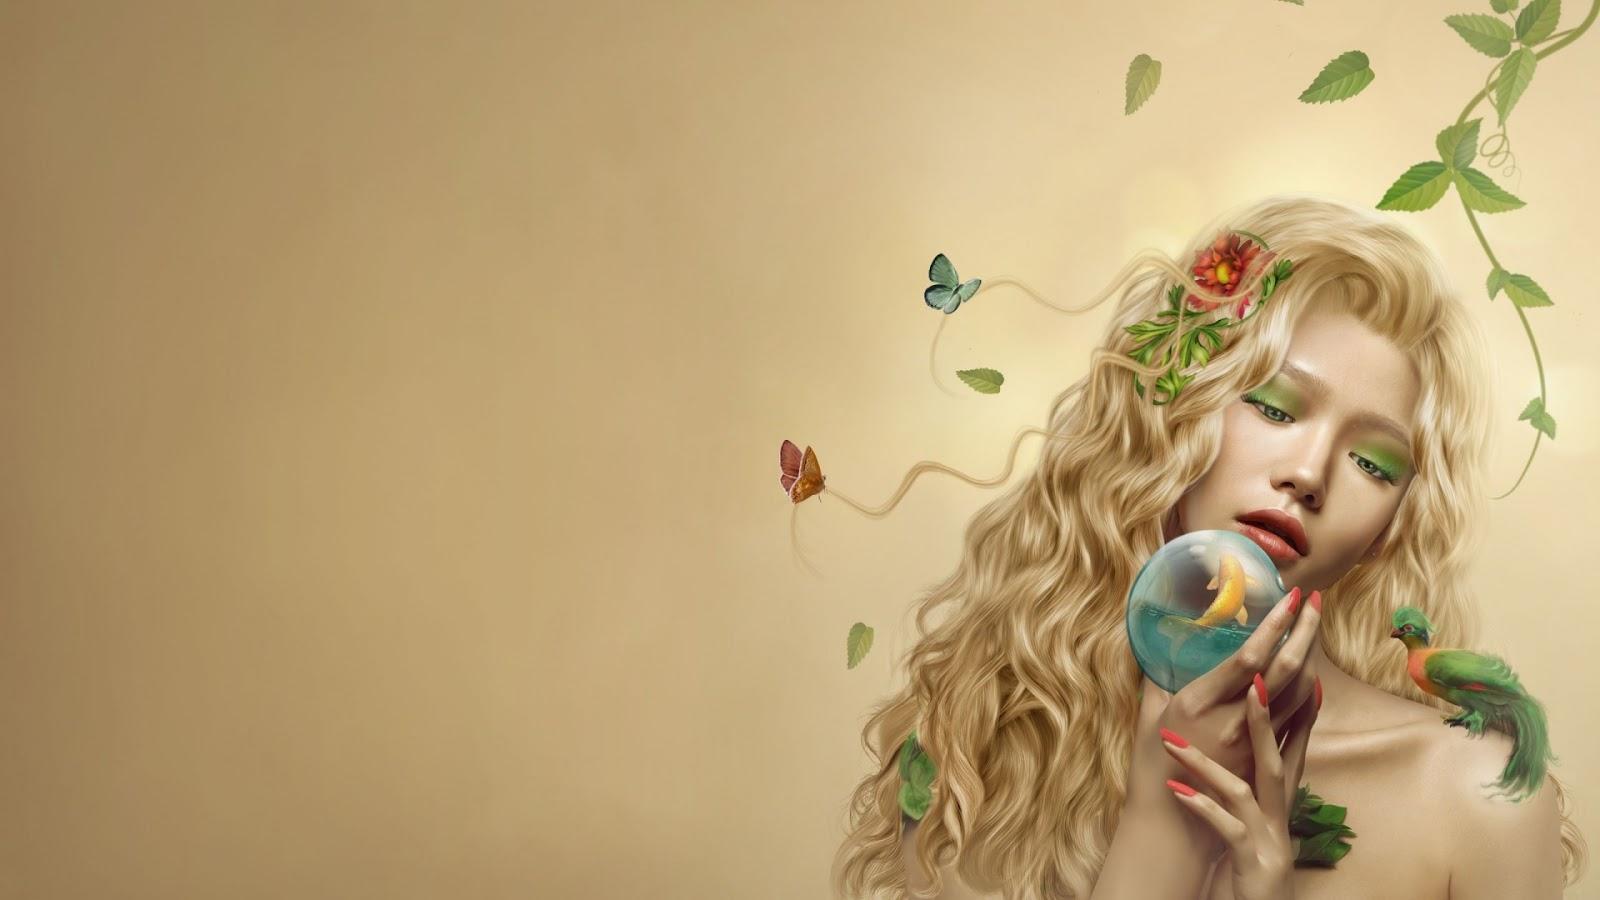 nature girl art mystery wallpaper